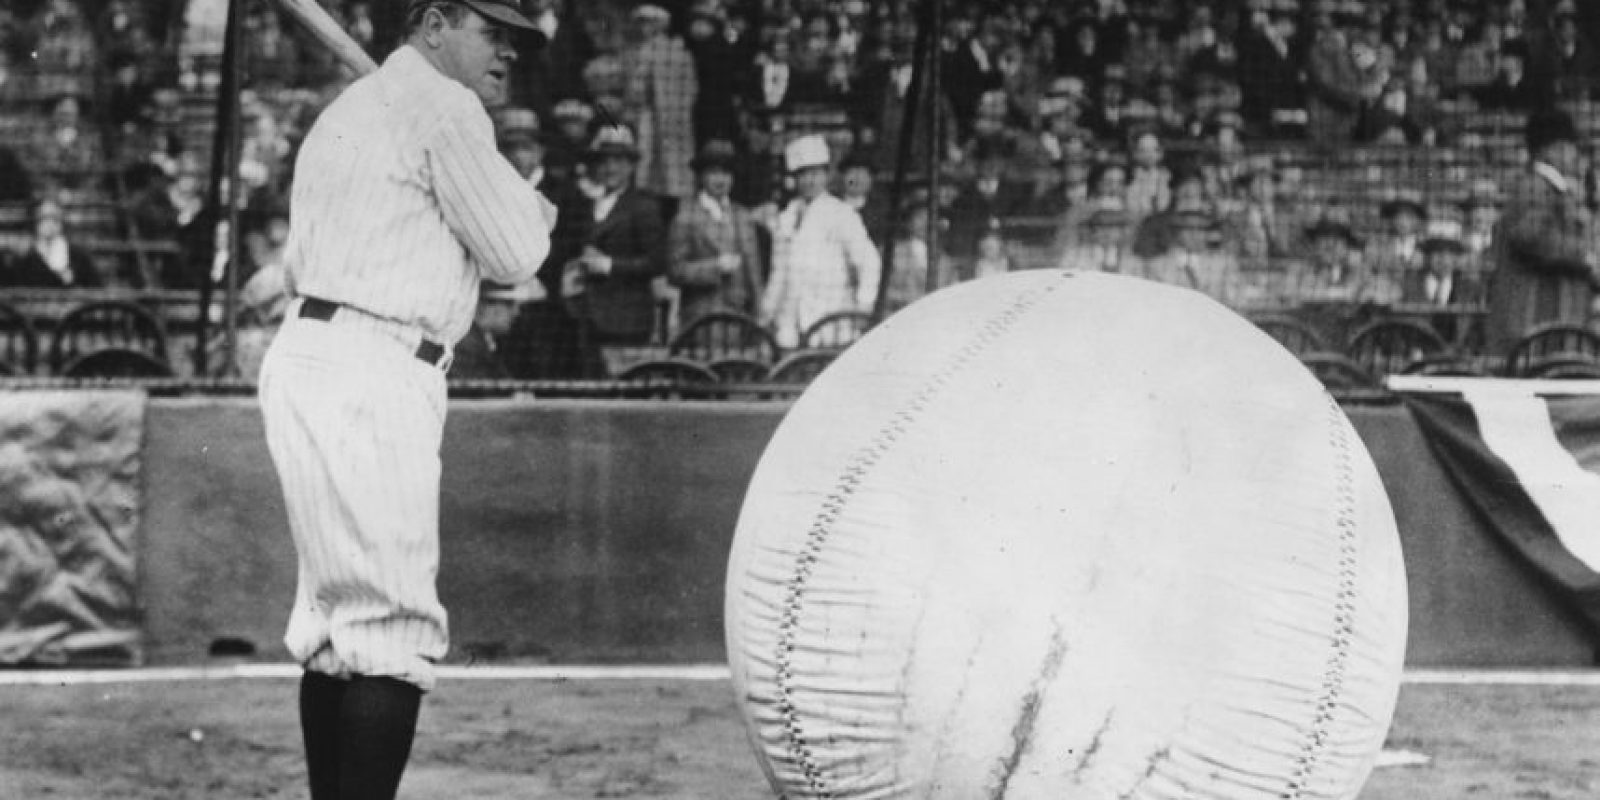 La maldición de Babe Ruth: El dueño de los Red Sox vendieron en 1920 a George Herman Ruth, más conocido como Babe Ruth, a los New York Yankees, acérrimo rival. Luego de eso no ganaron una Serie Mundial hasta 2004. Foto:Getty Images